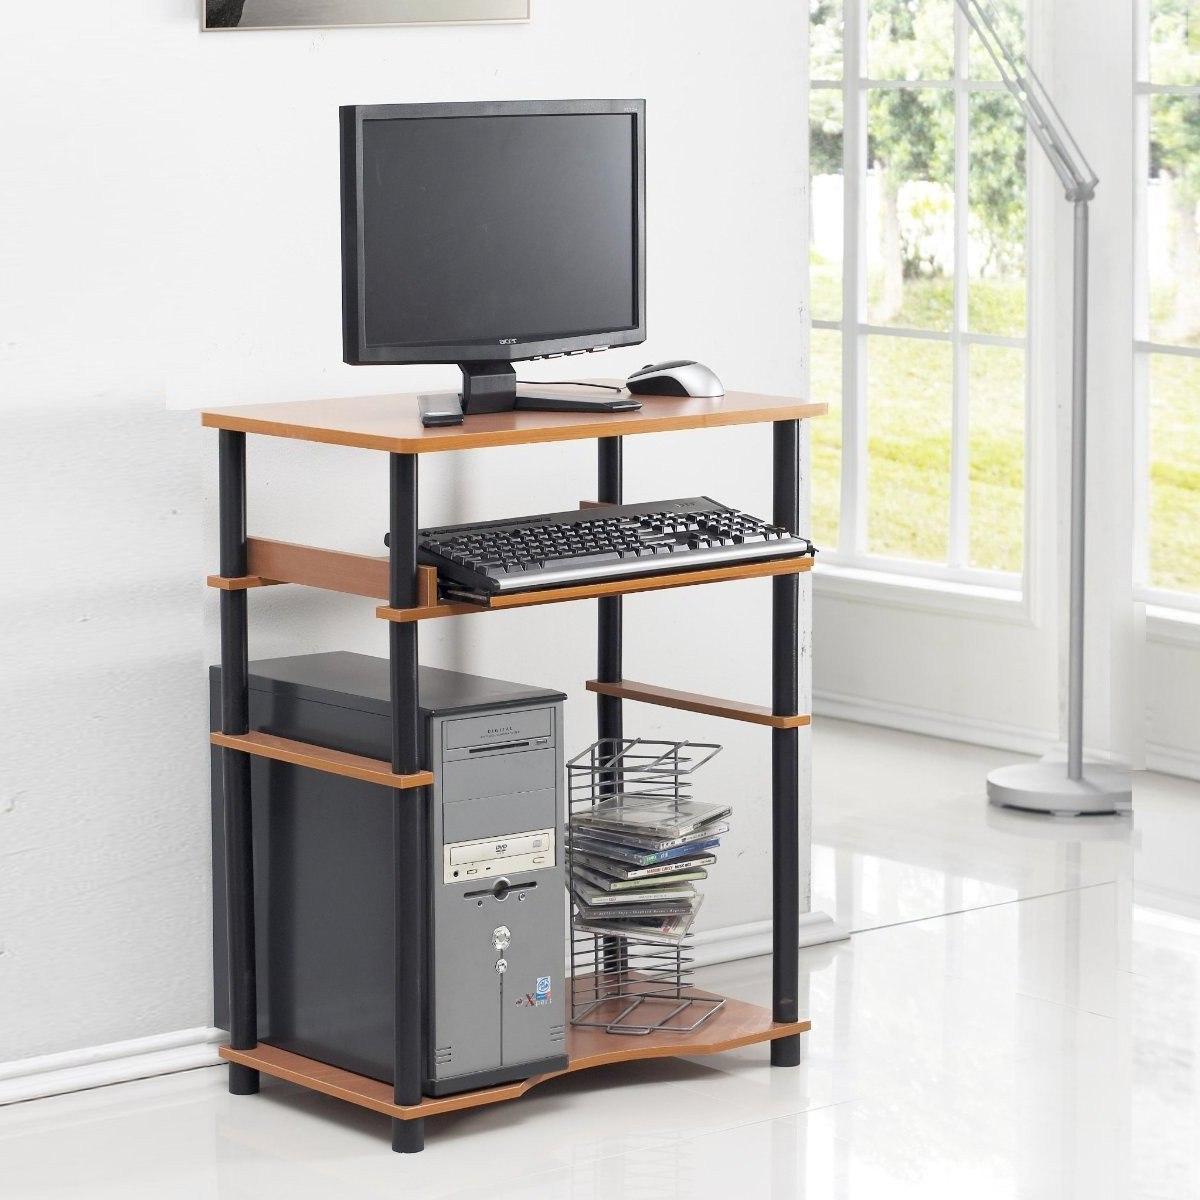 Centro computo escritorio estilo moderno durable vv4 for Muebles de escritorio modernos para casa